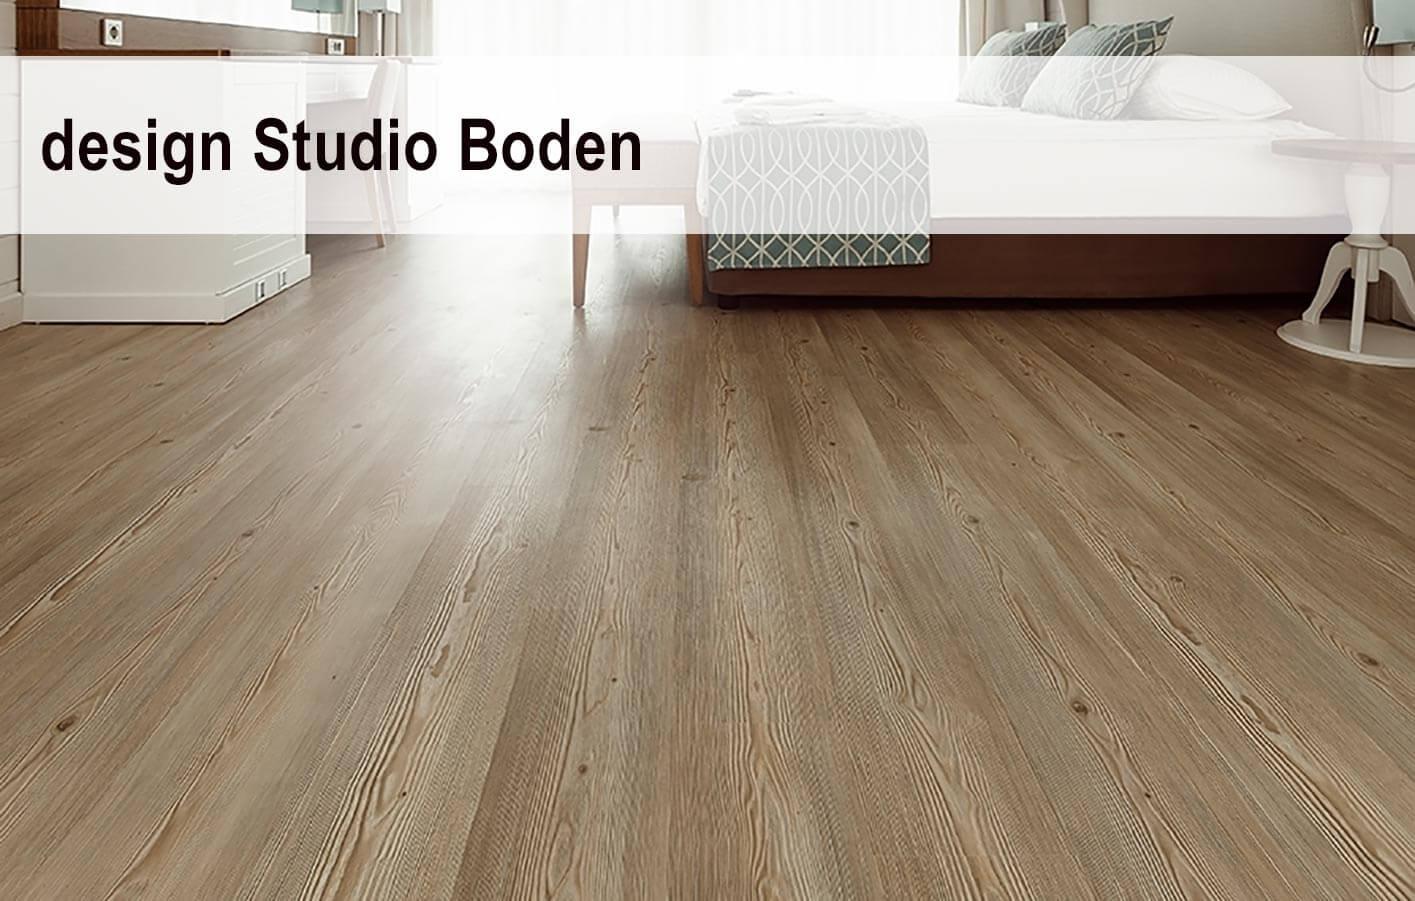 Fußboden Verlegen Schweinfurt ~ Laminat parkett kork vinyl linoleum holzboden lohr karlstadt schweinfurt